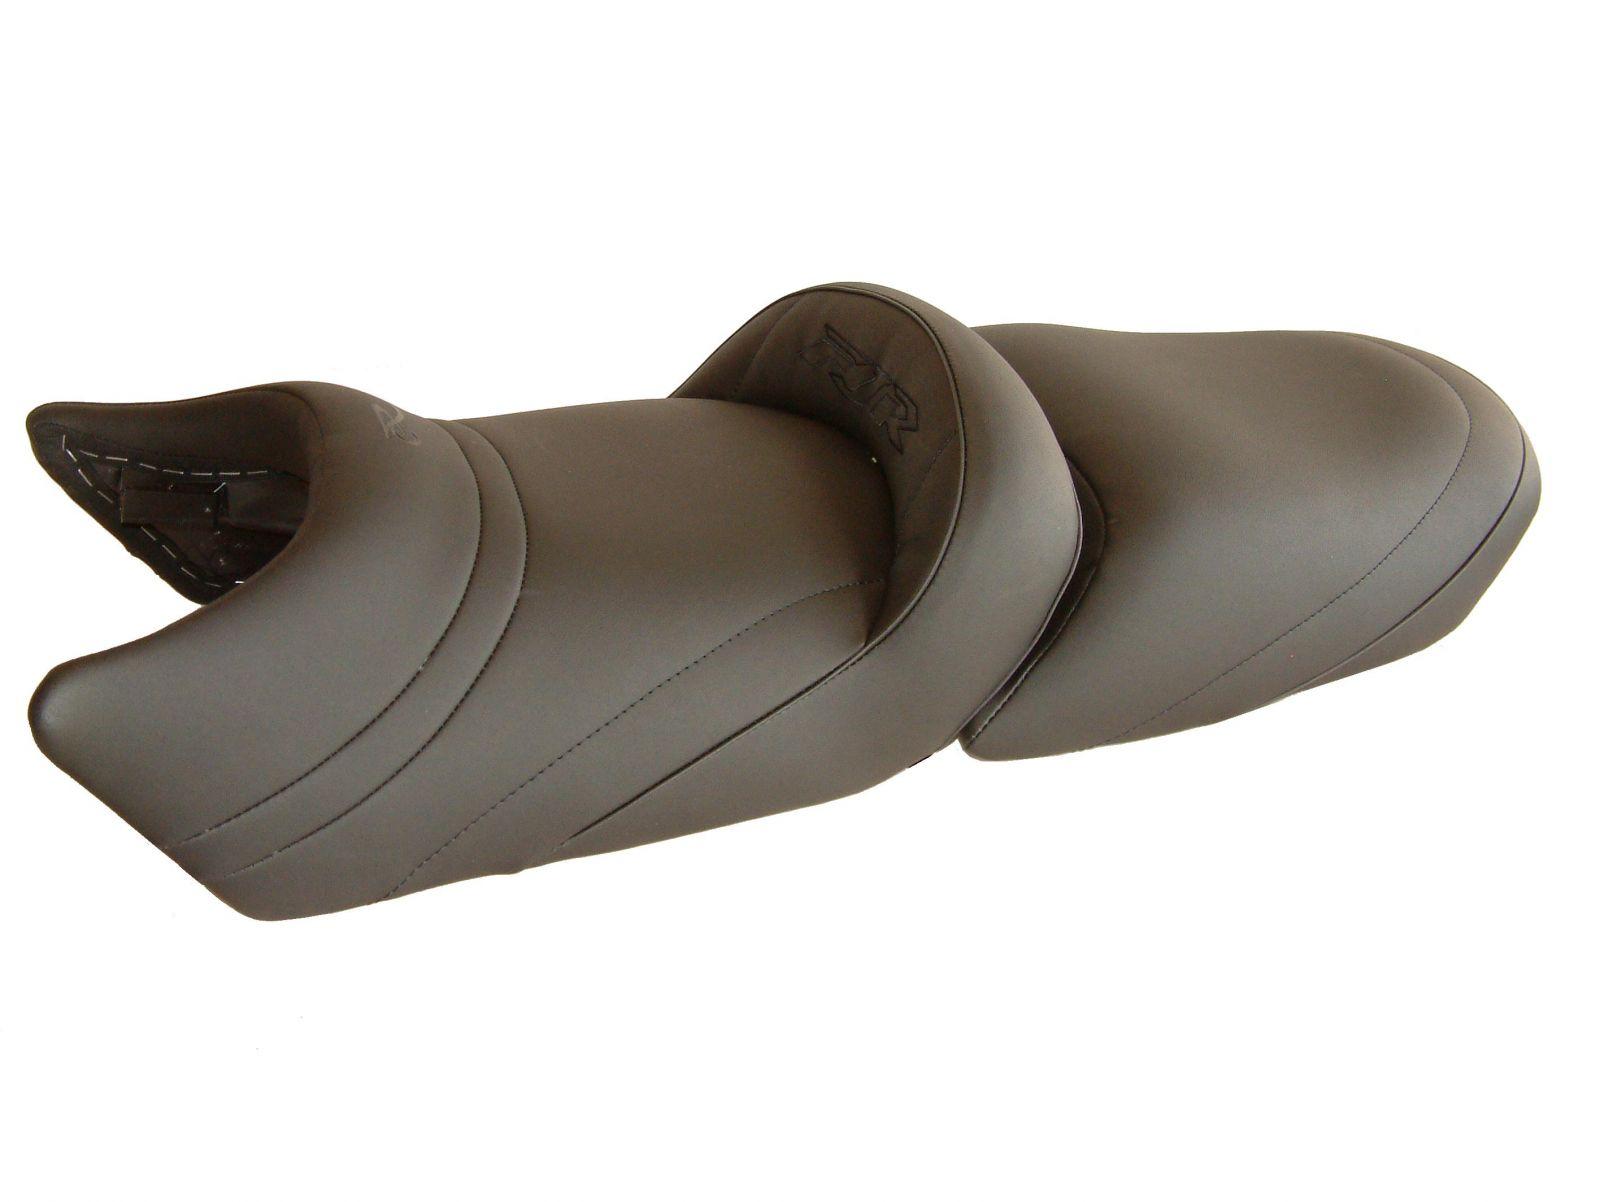 Sella Grande Confort SGC1301 - YAMAHA FJR 1300 [2001-2005]